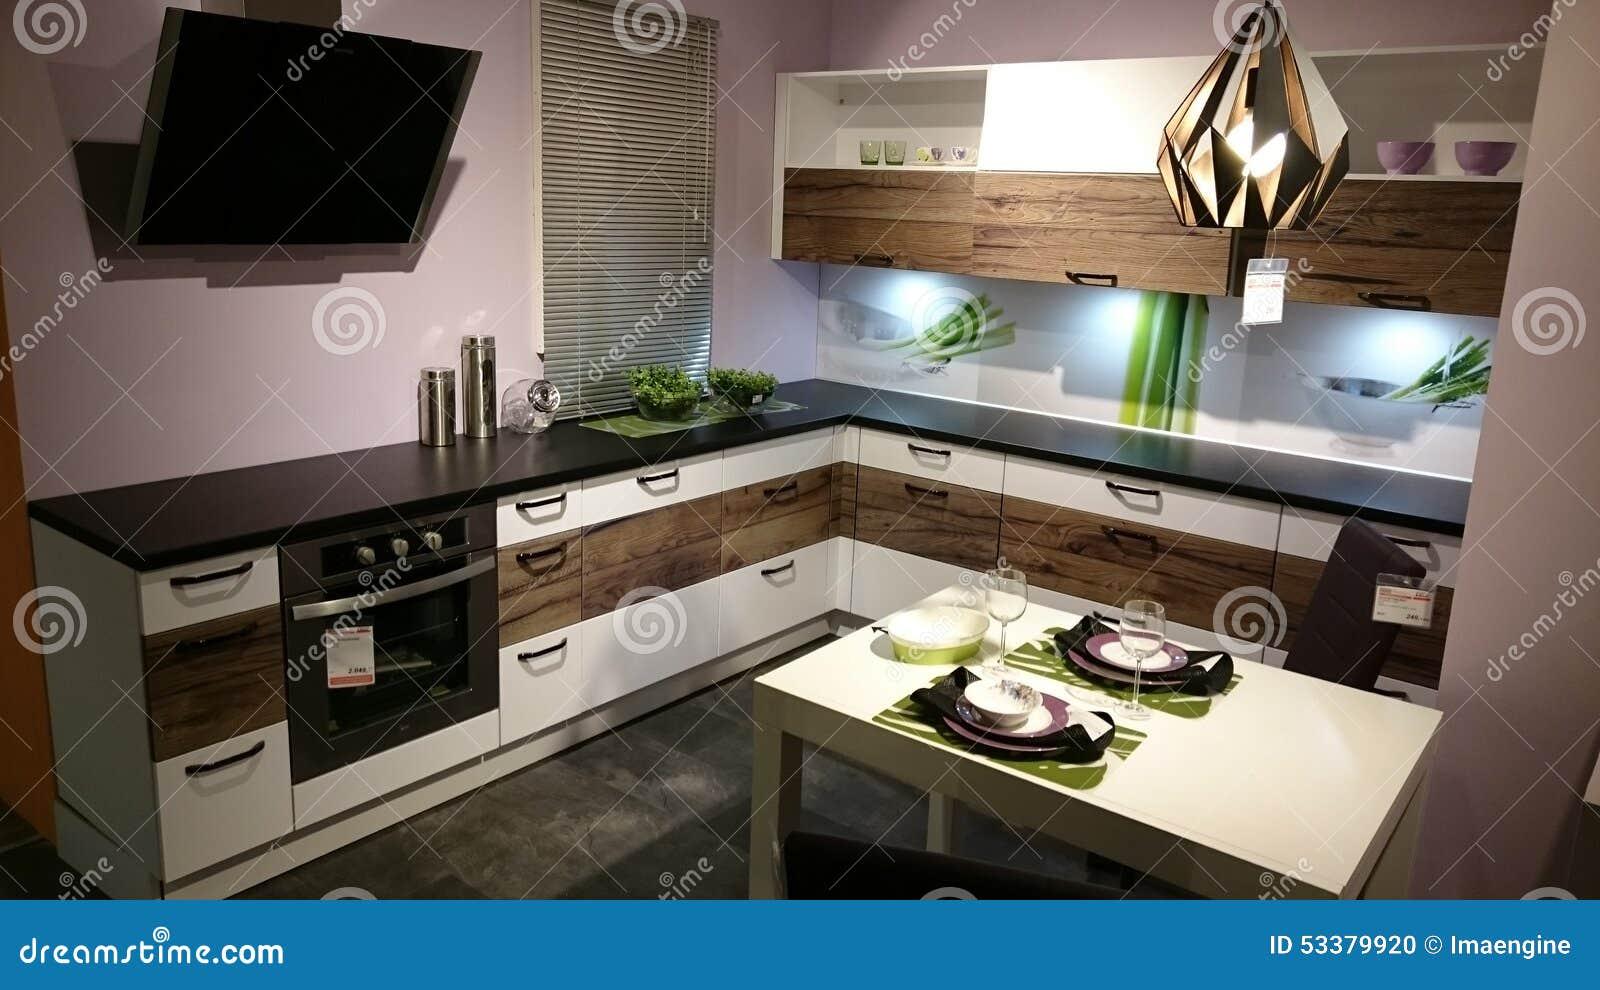 Diseño Interior Casero: Muebles Modernos De La Cocina Imagen ...